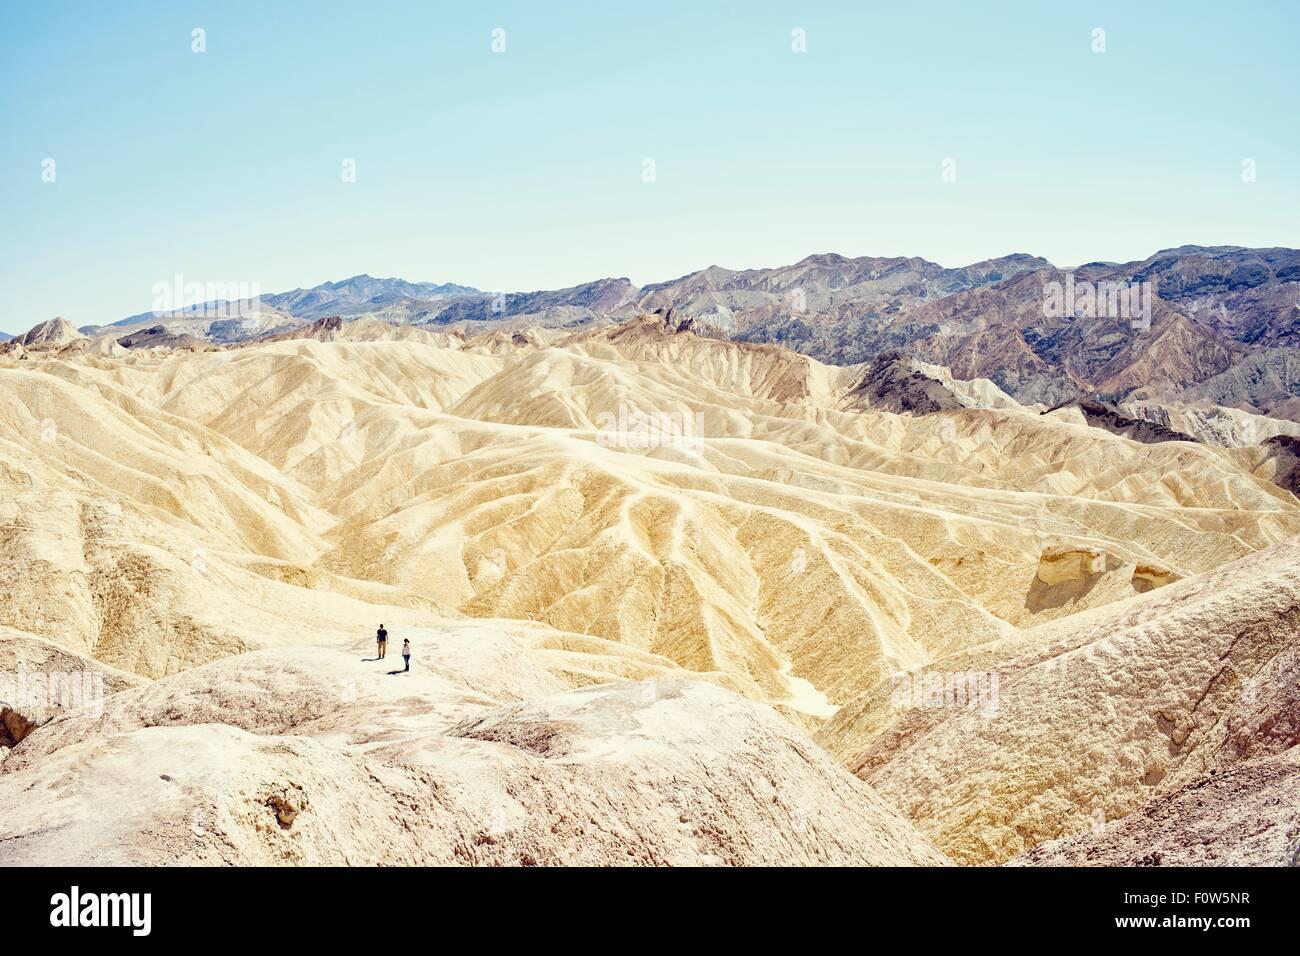 Vista di due turisti a Zabriskie Point, Death Valley, California, Stati Uniti d'America Immagini Stock